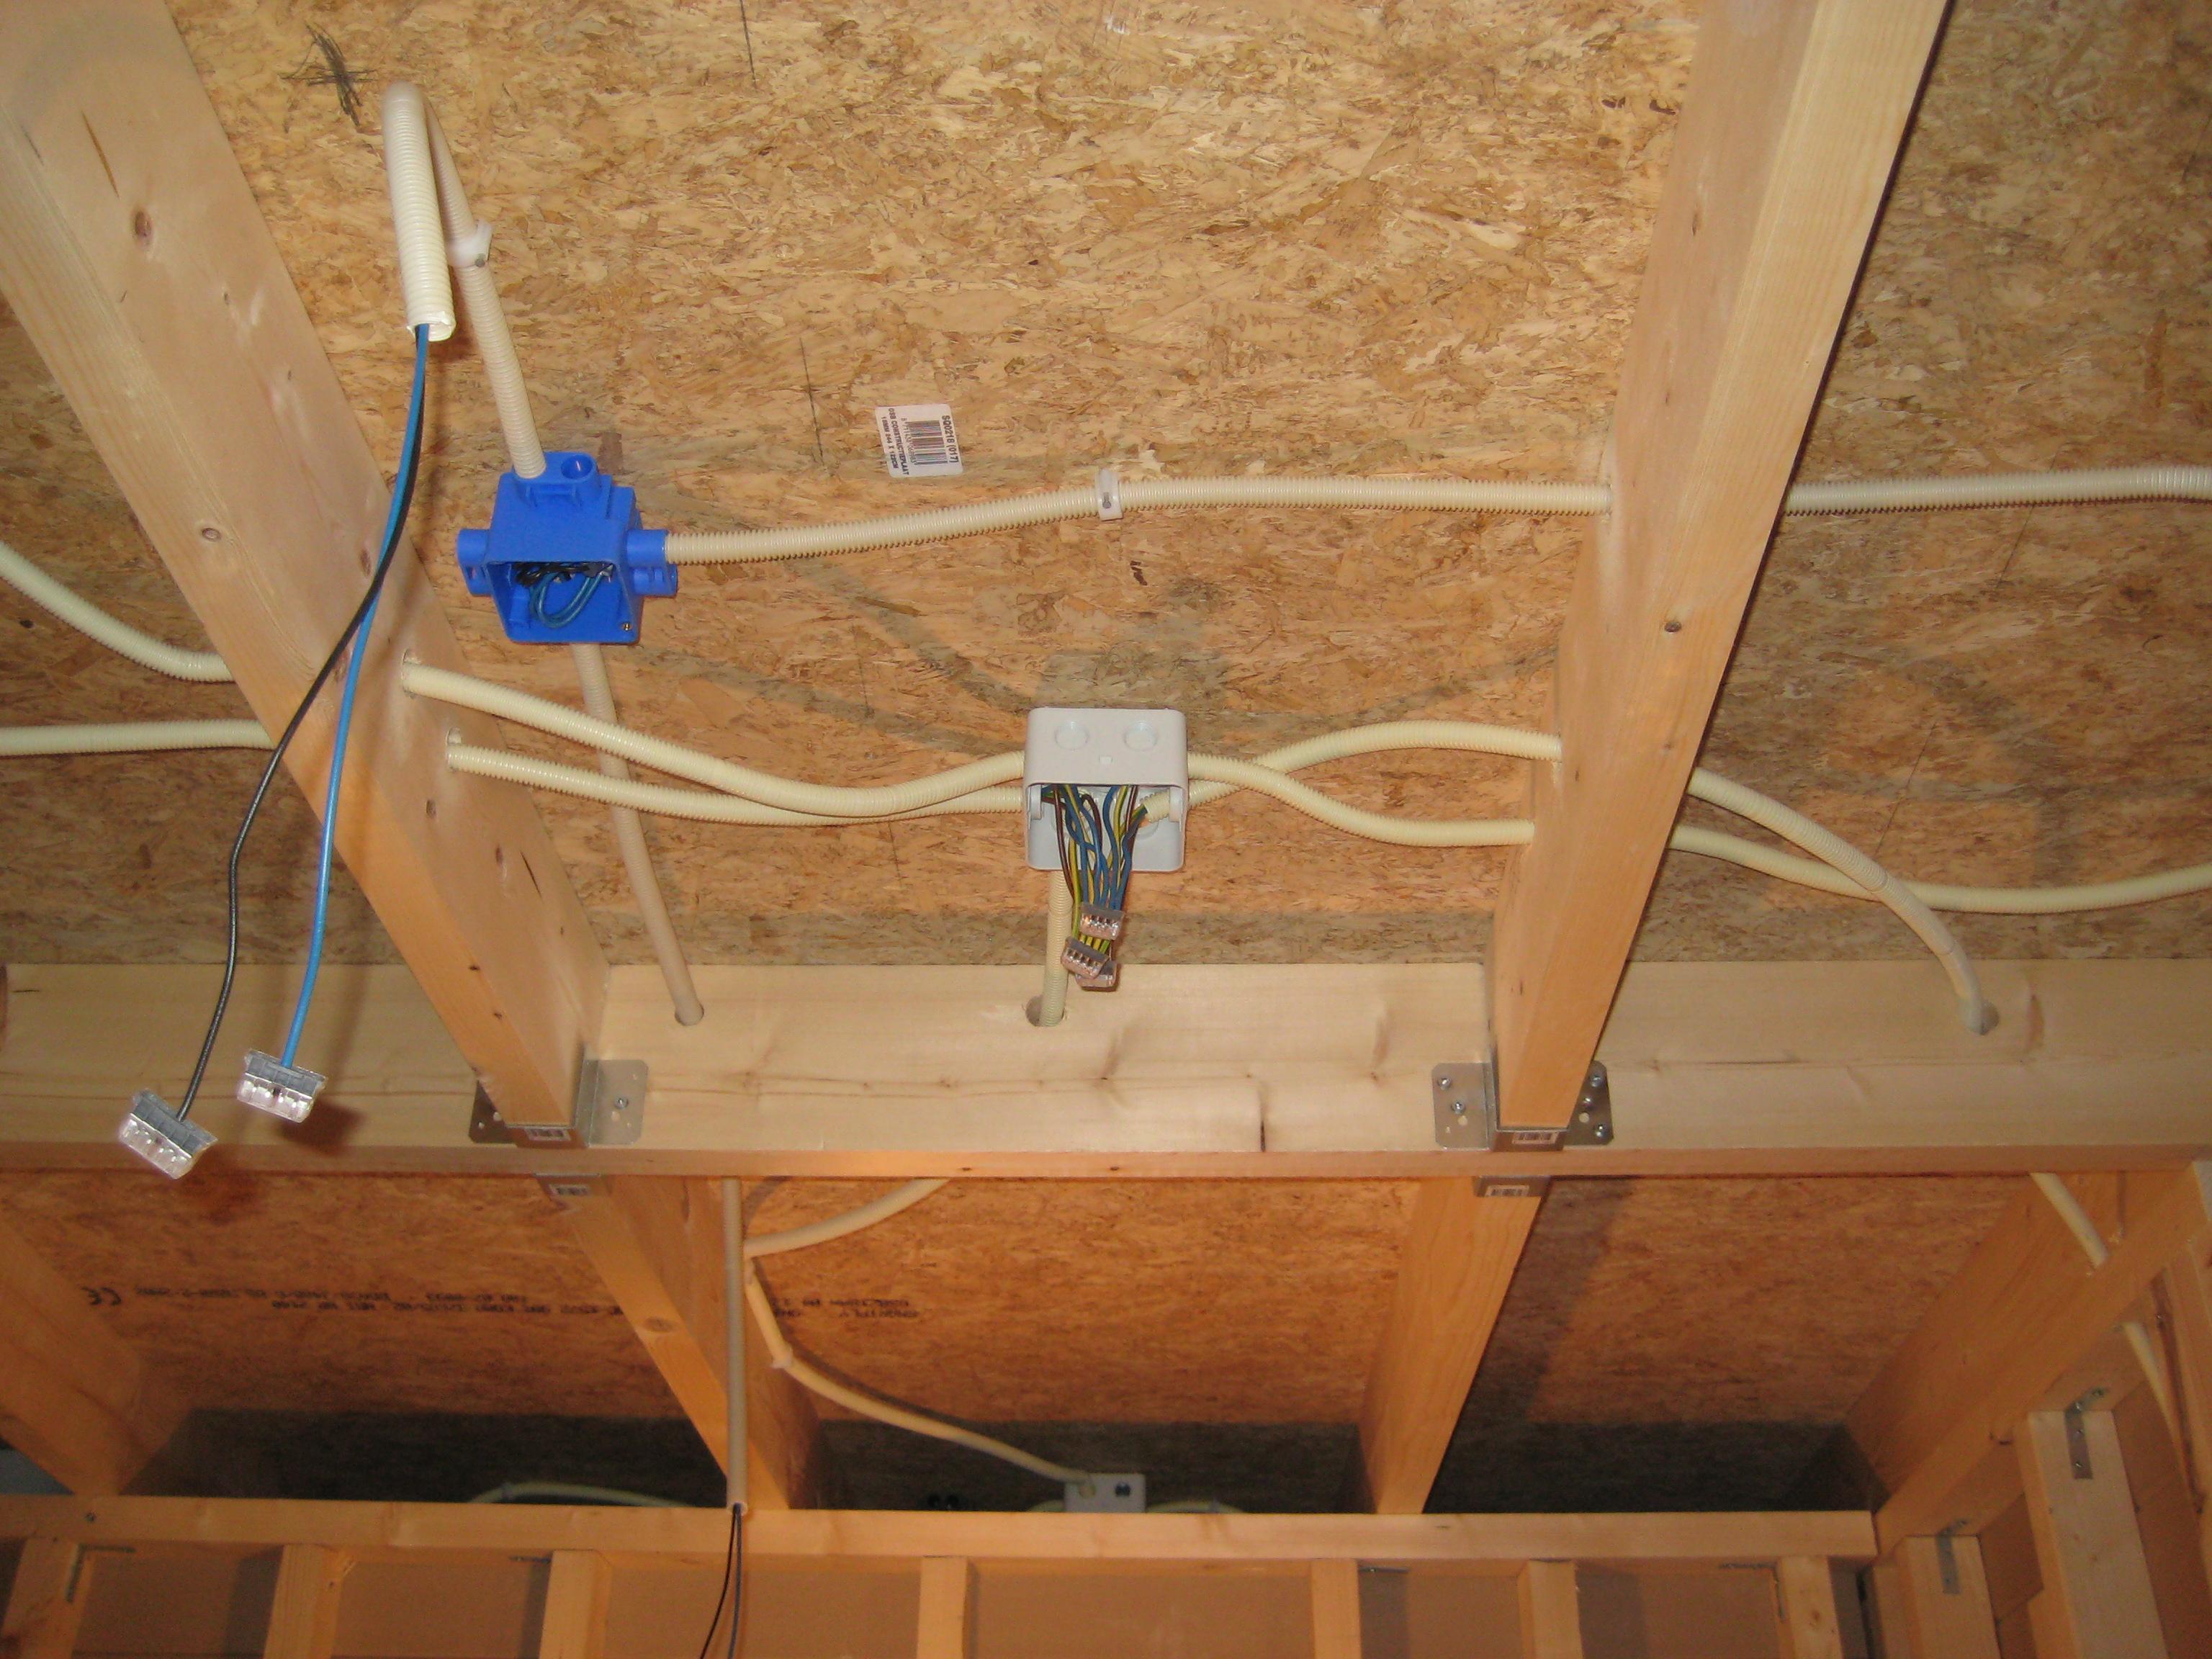 Encastrer des spots dans le plafond pour les makers for Comment encastrer des spots